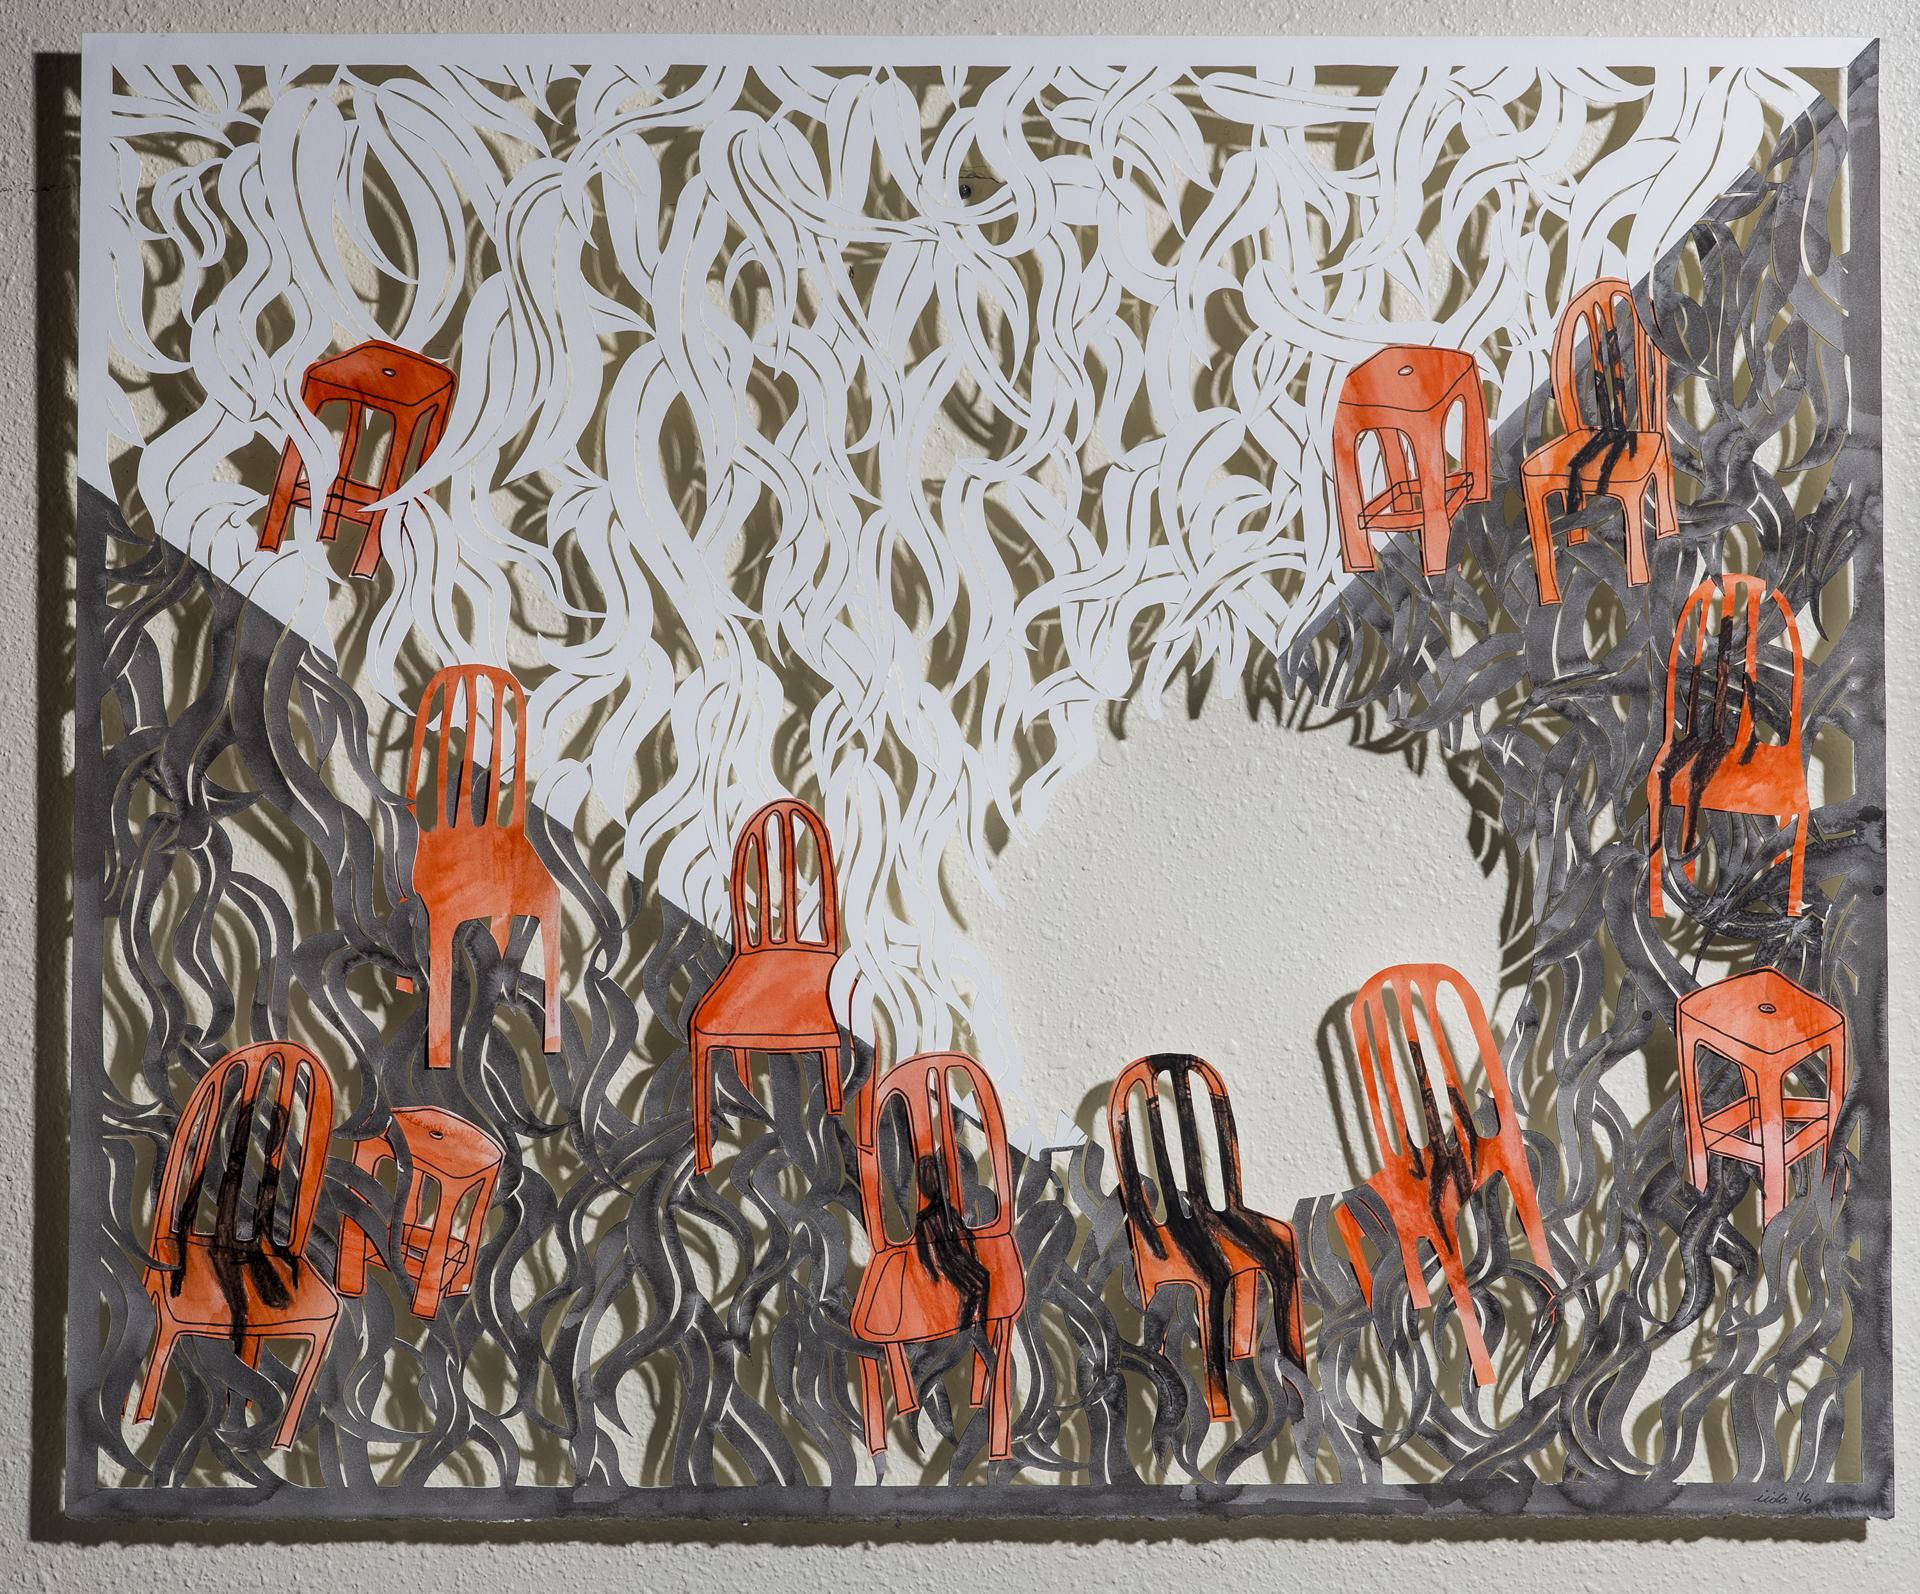 Night in the Garden by Lauren Iida | Early Works